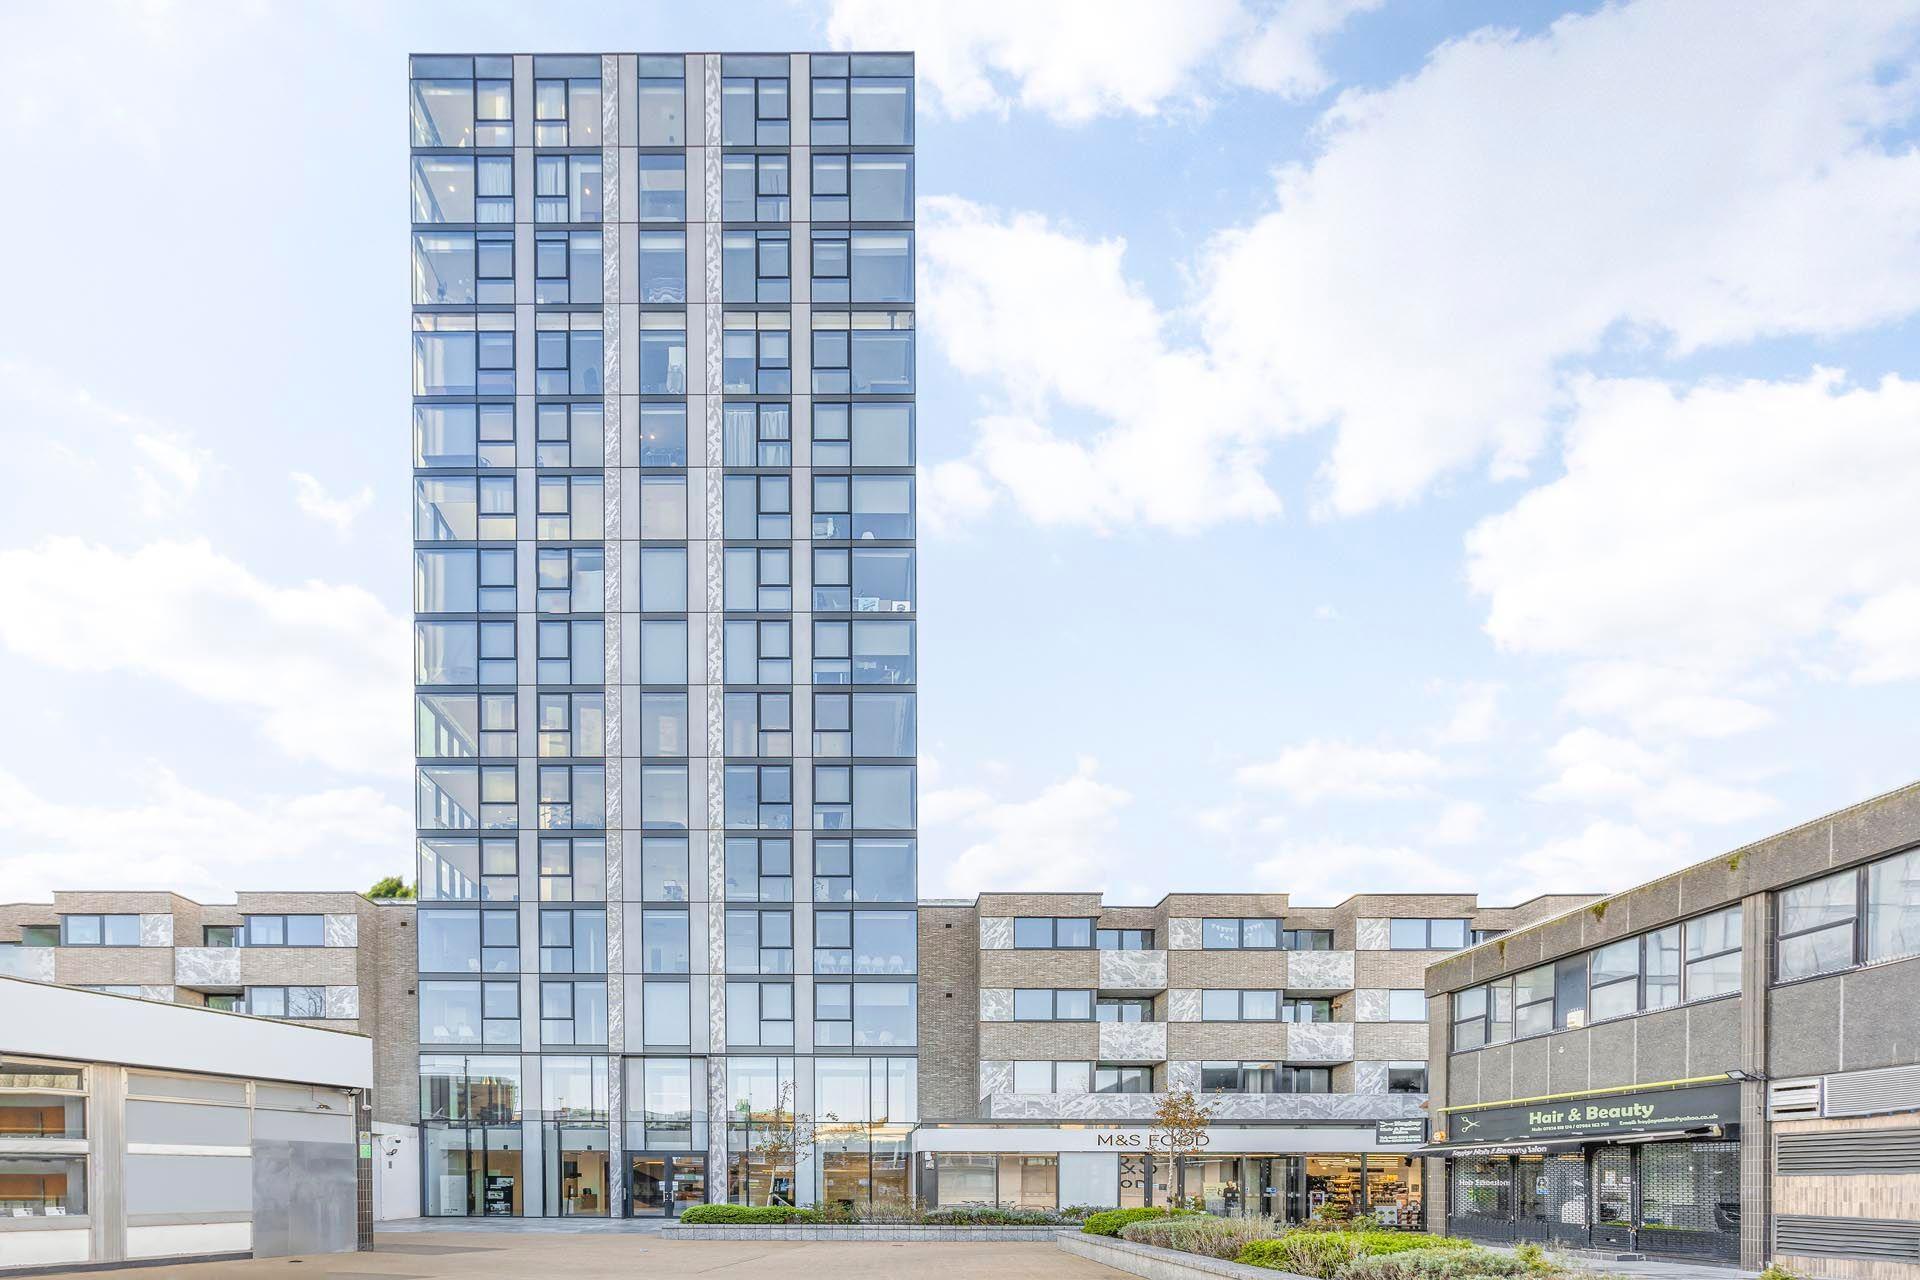 London flats to rent Vonder Hill 1